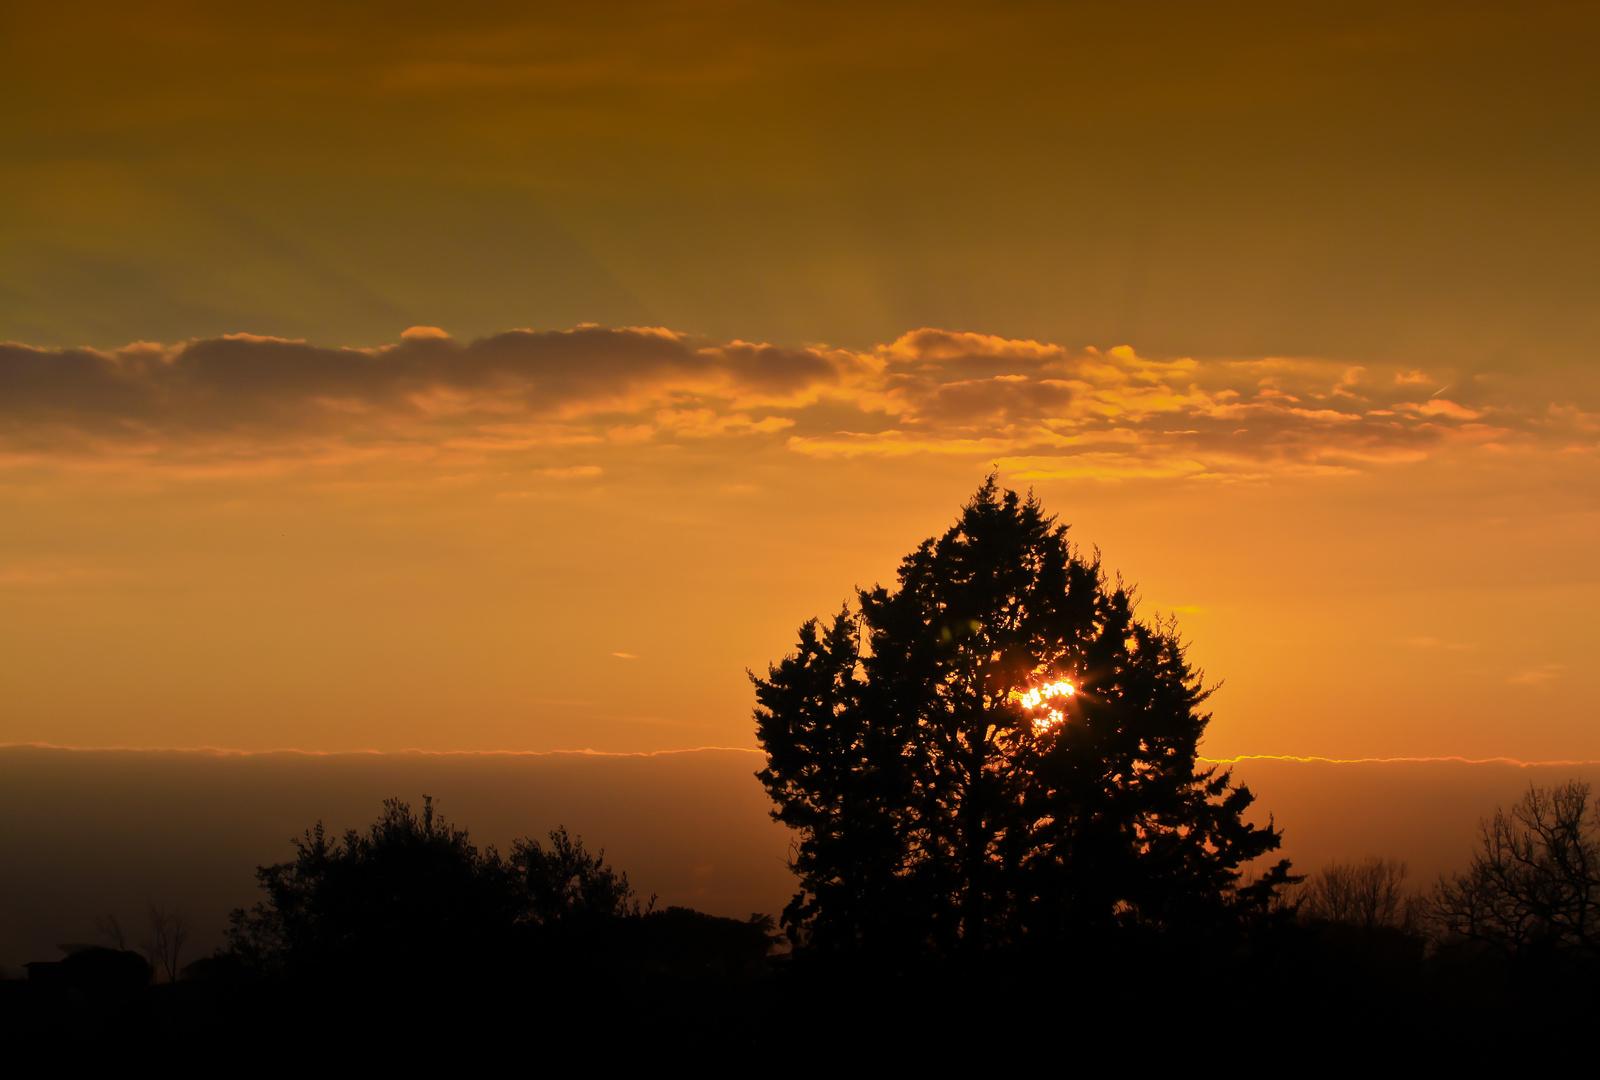 il sole........................................